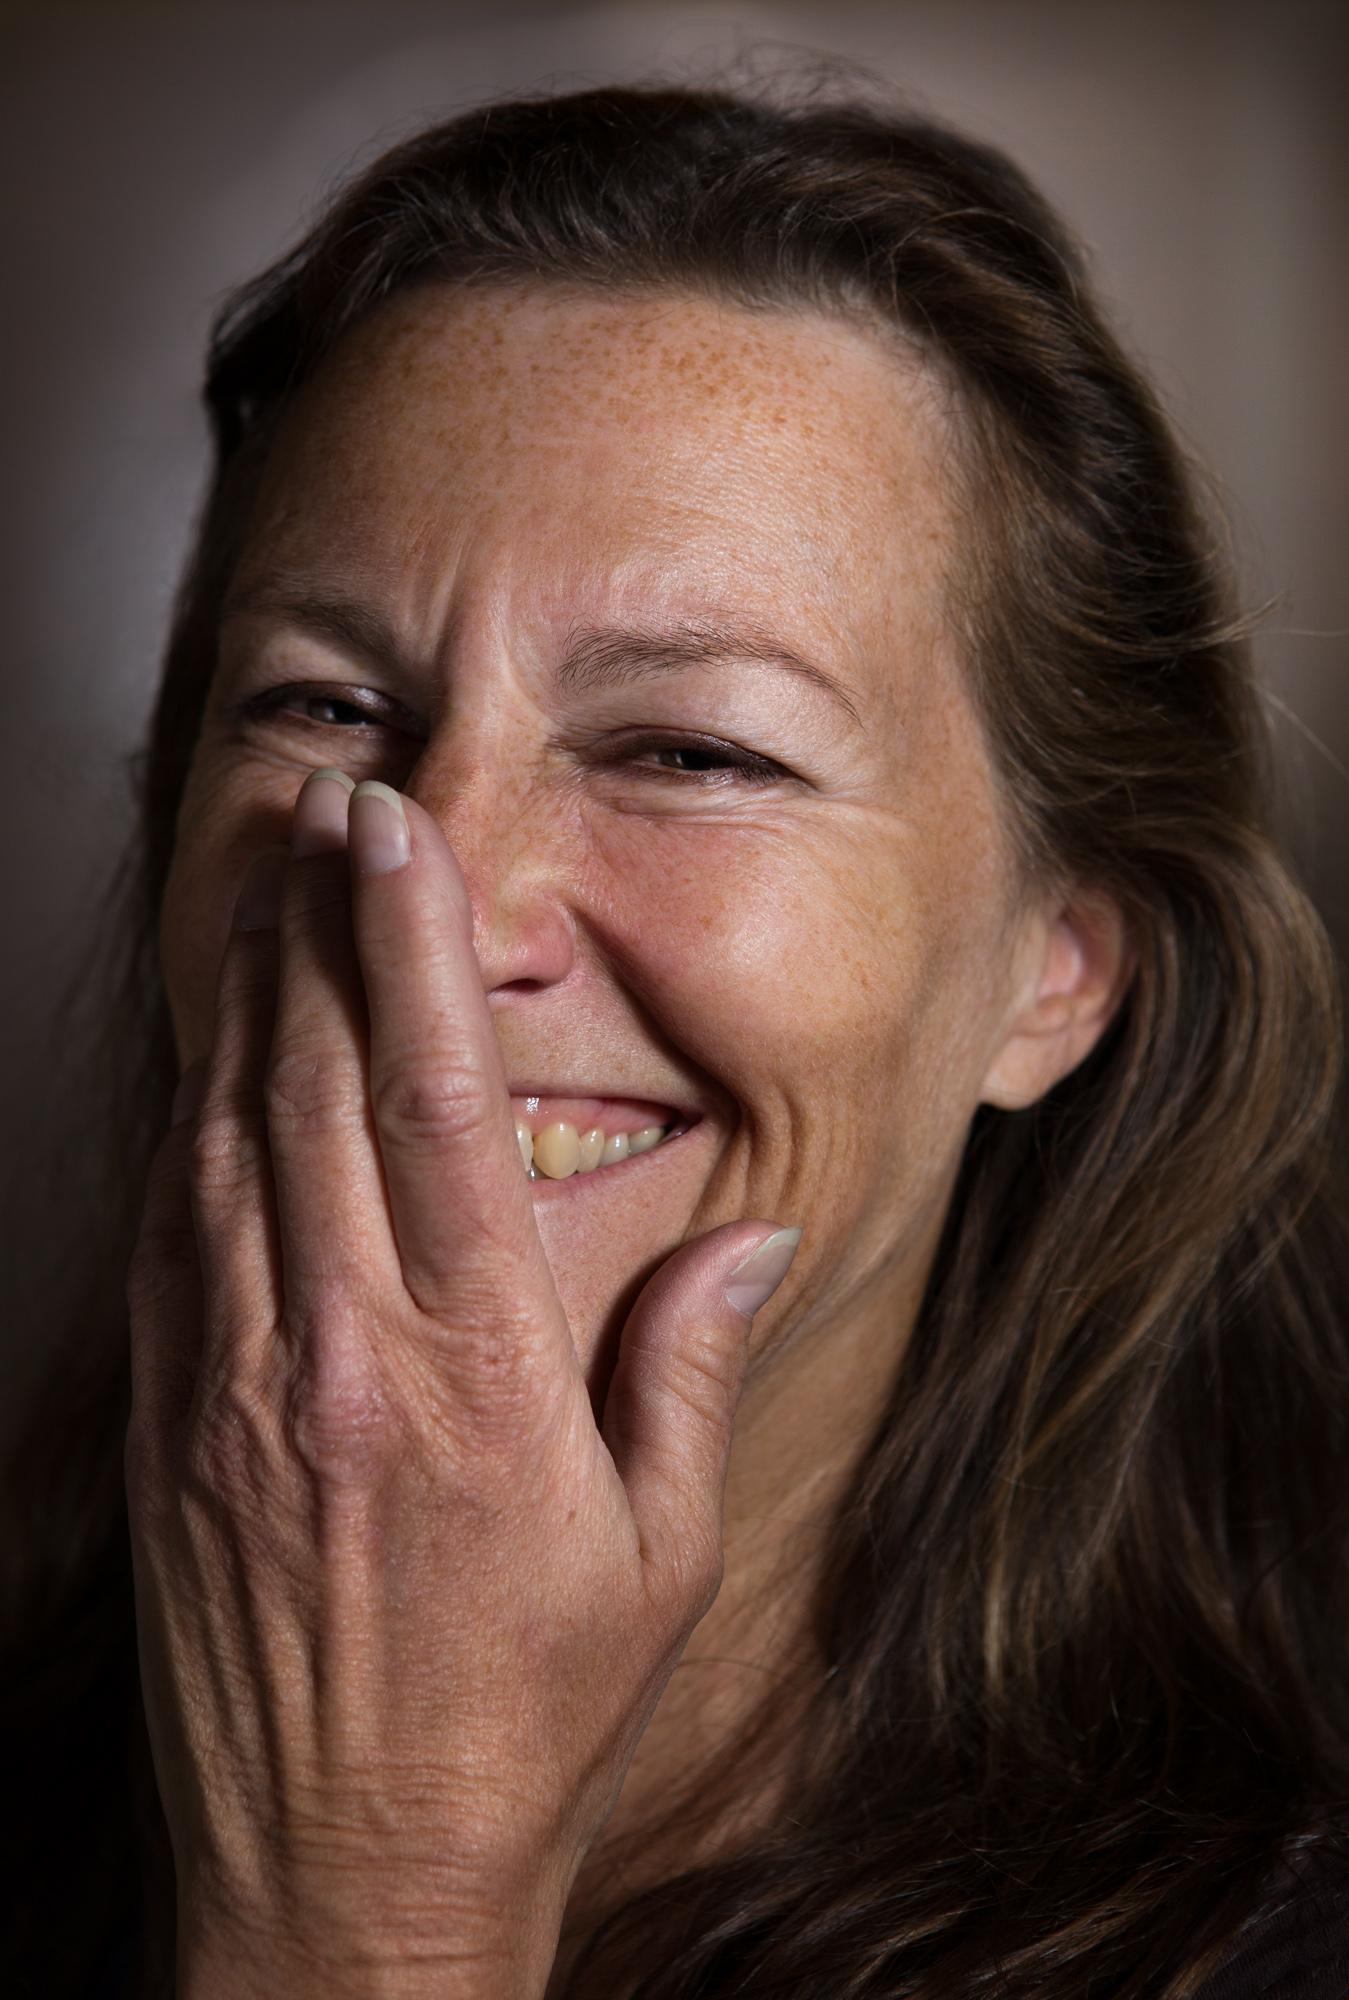 Marjolein Bos, Artist